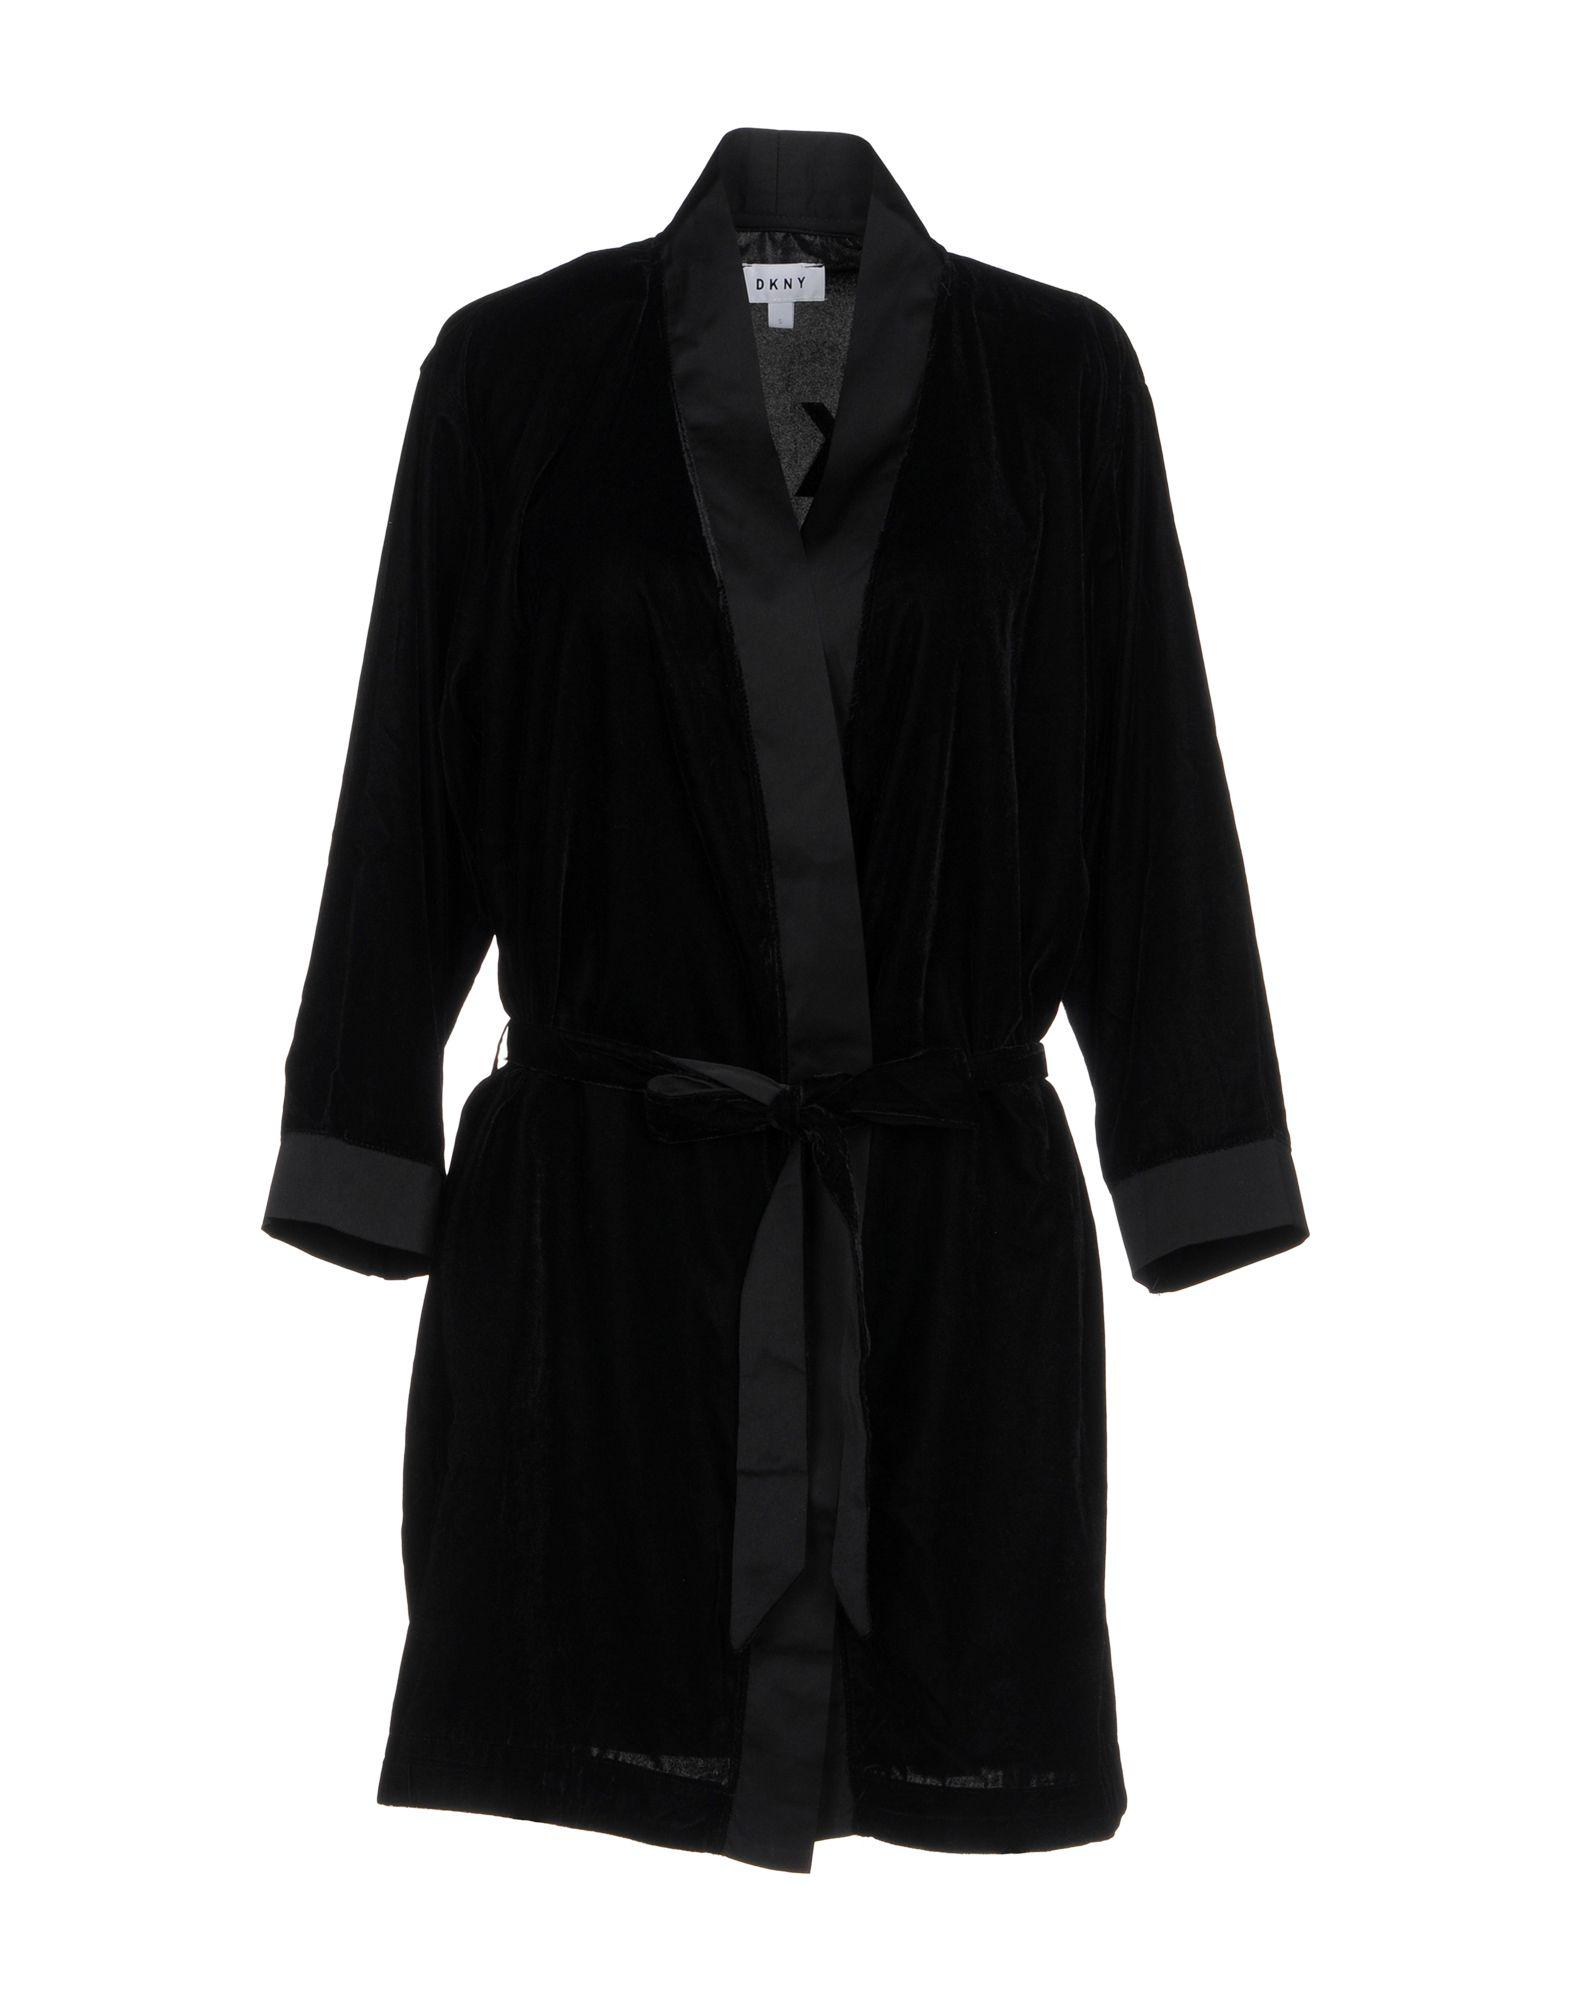 DKNY Халат купить шелковый халат мужской спб